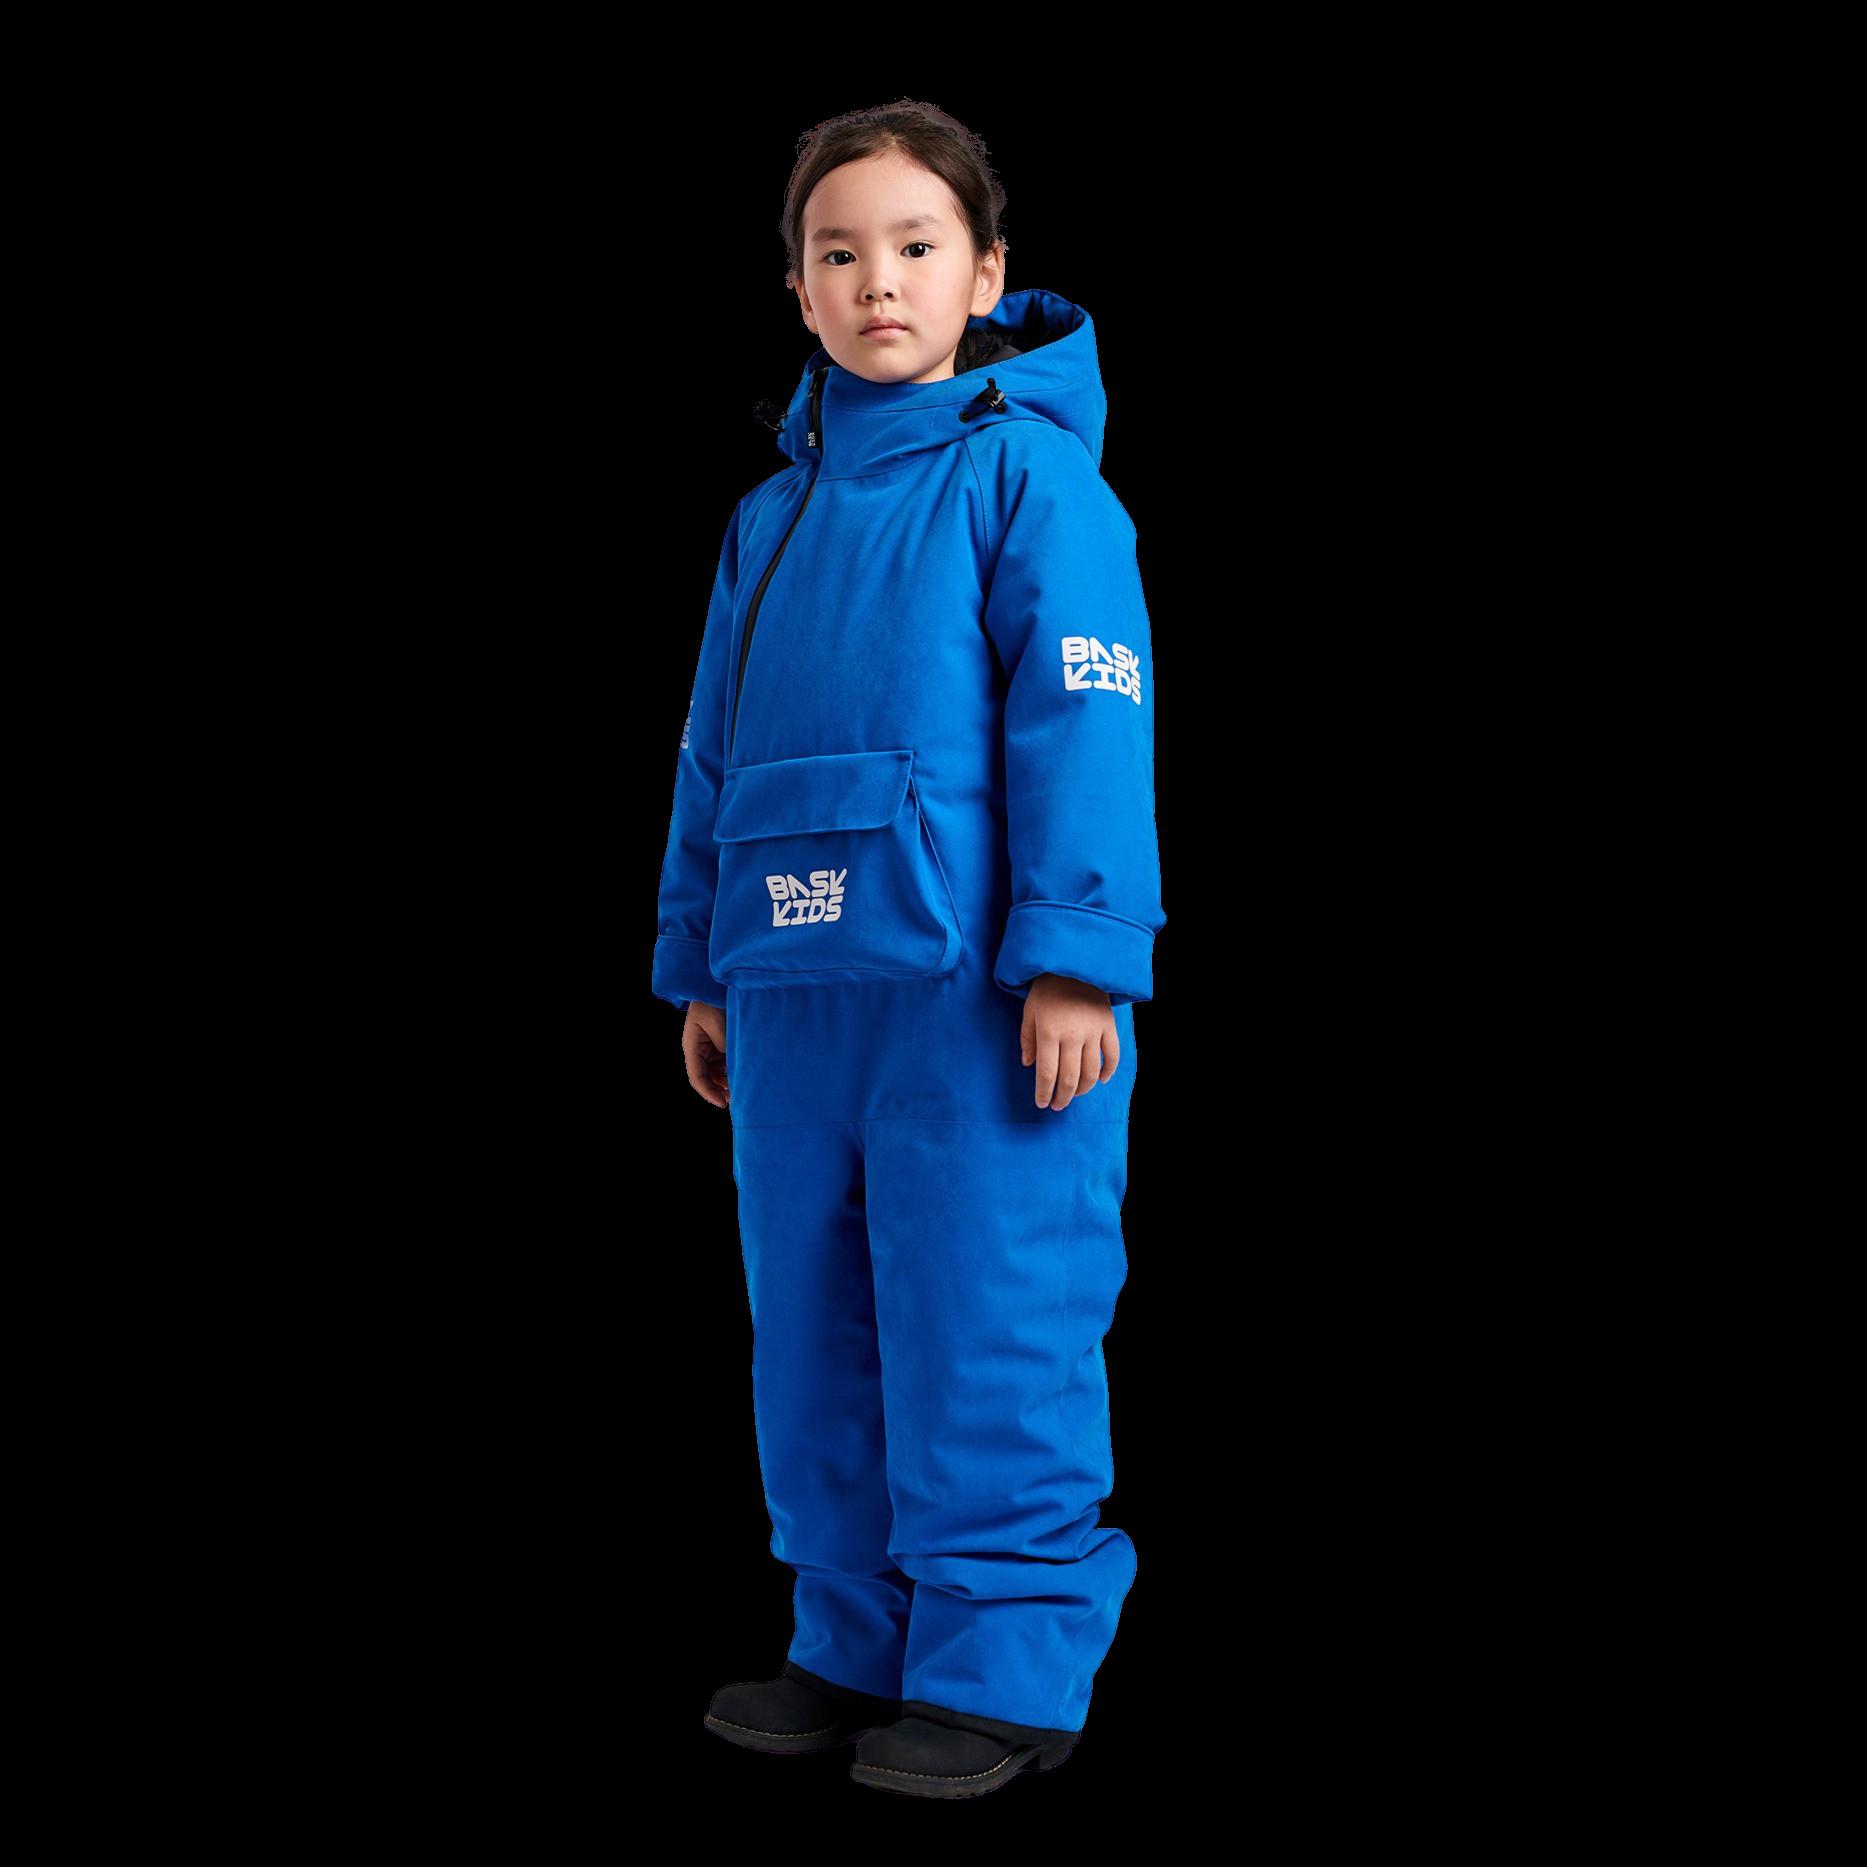 Комбинезон BASK kids SPACE фото